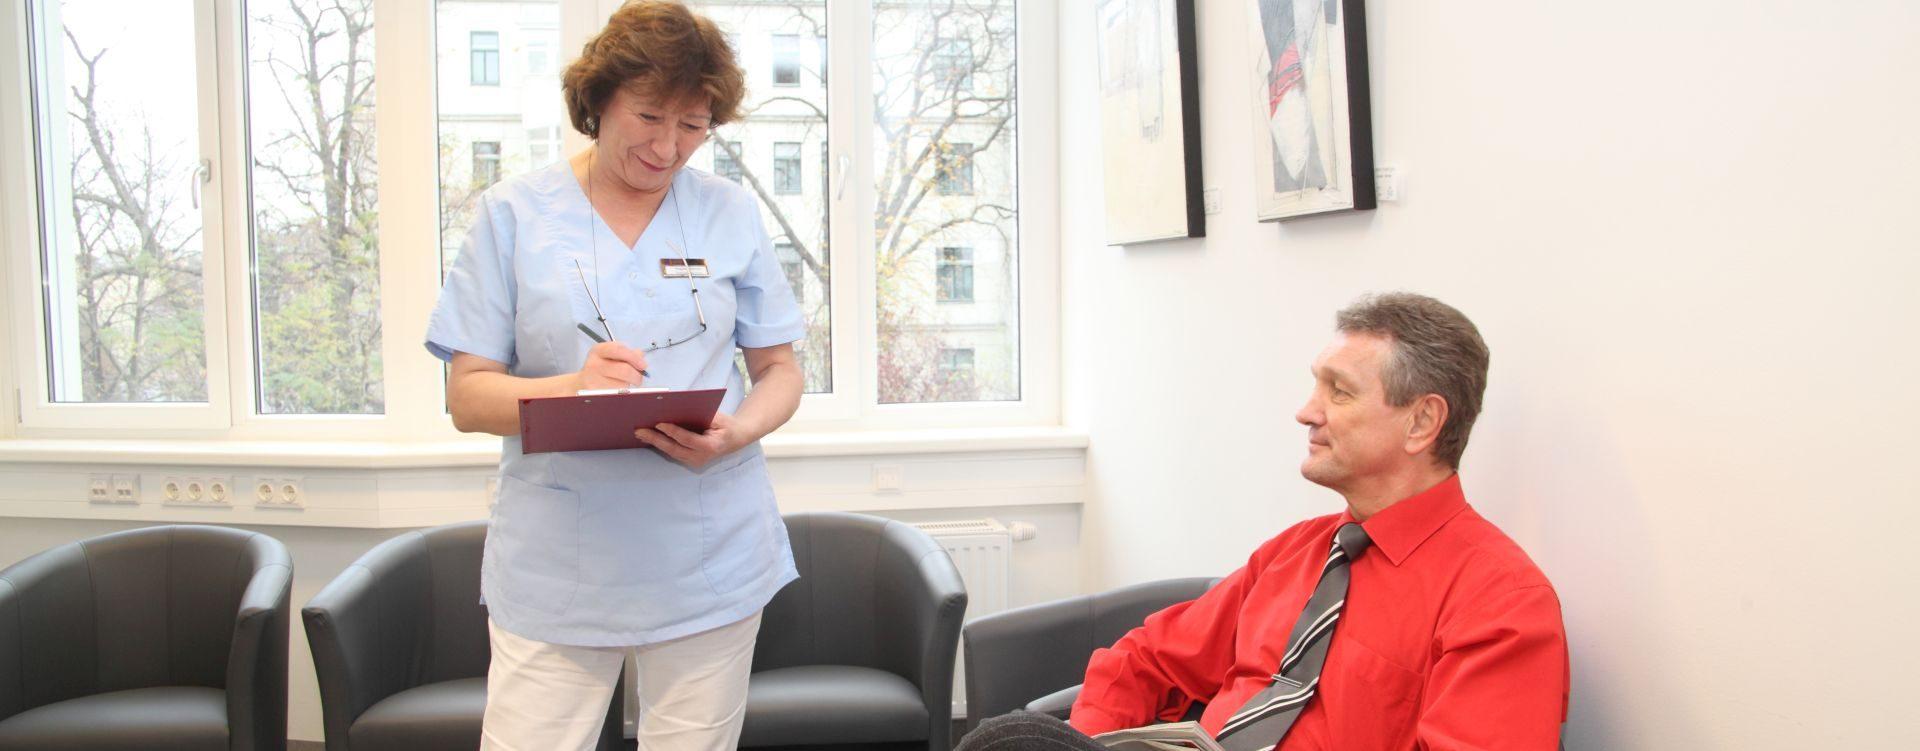 Планирование посещения врача